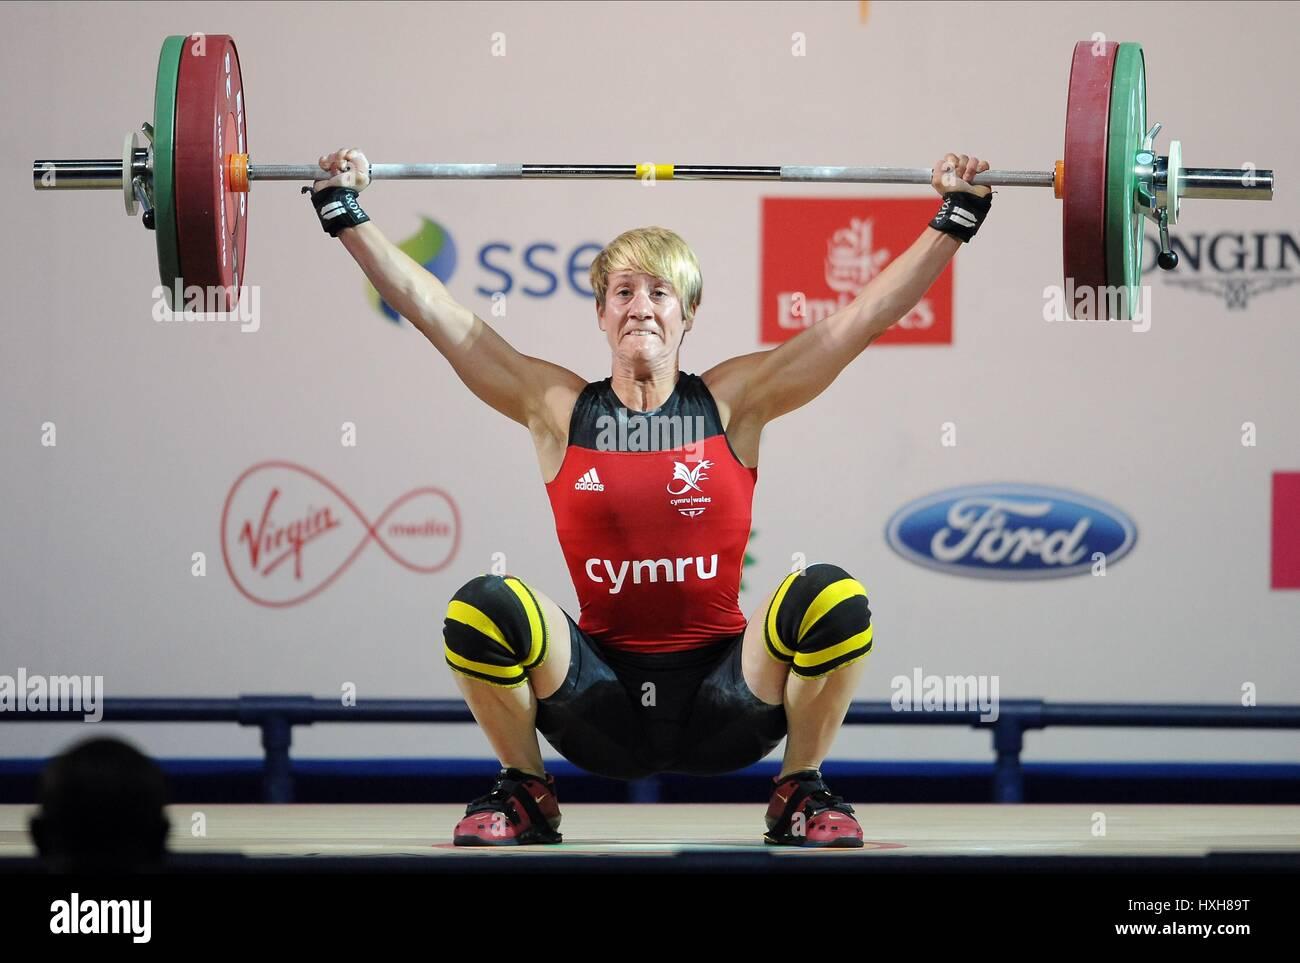 MICHAELA BREEZE Donna Donne di sollevamento pesi il sollevamento pesi Clyde Auditorium GLASGOW Scozia 26 Luglio Immagini Stock